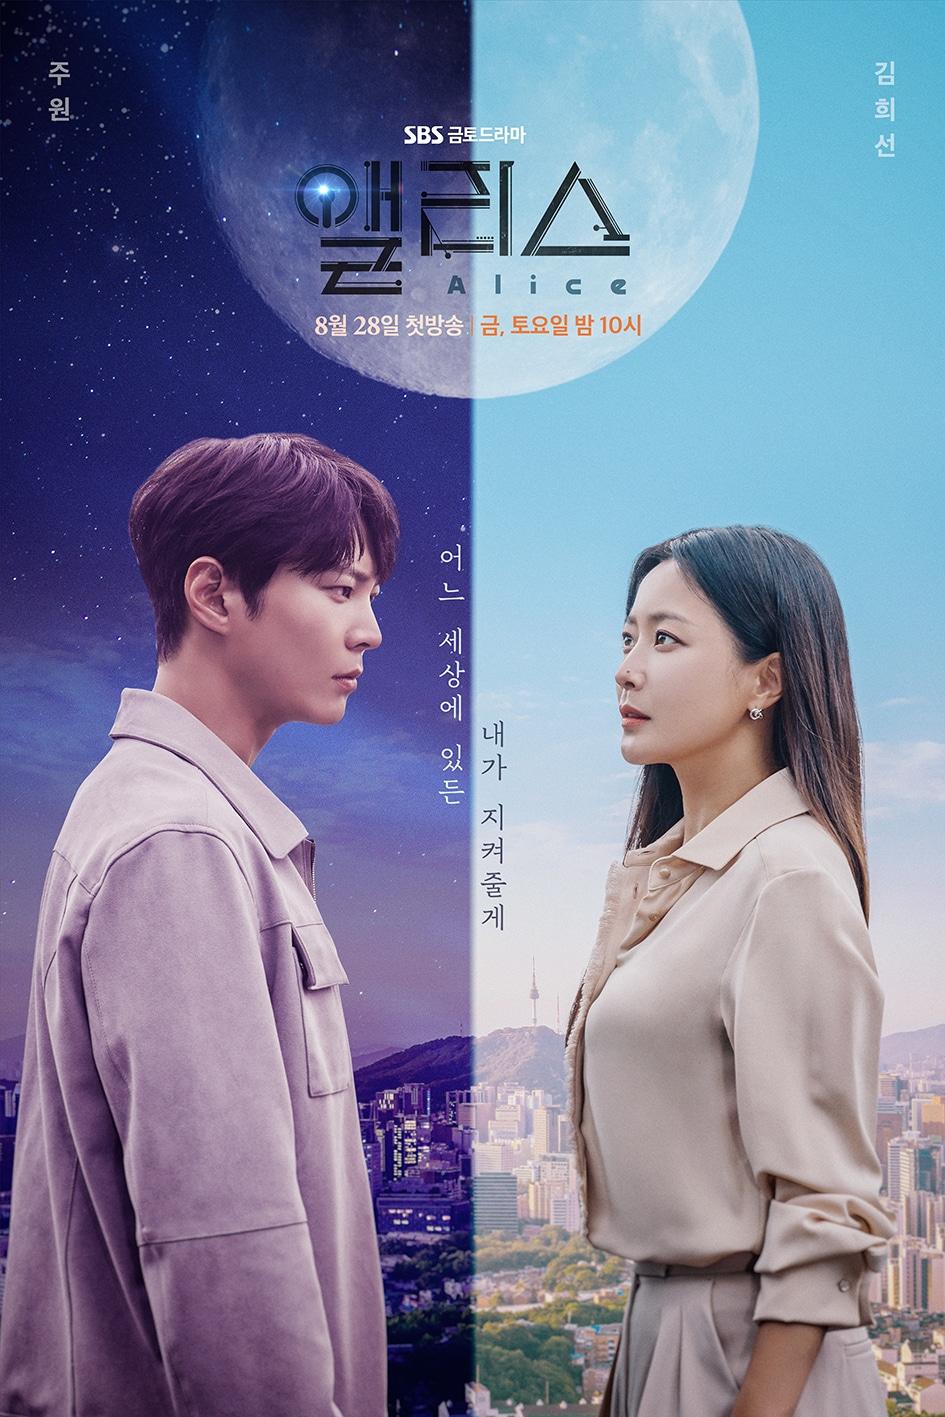 """2020 Alice الدراما الكورية """"أليس"""". تقرير عن الدراما + الأبطال + جميع الحلقات مترجمة أونلاين . مسلسل أليس مترجم. مسلسل Alice 2020 الكوري مترجم."""